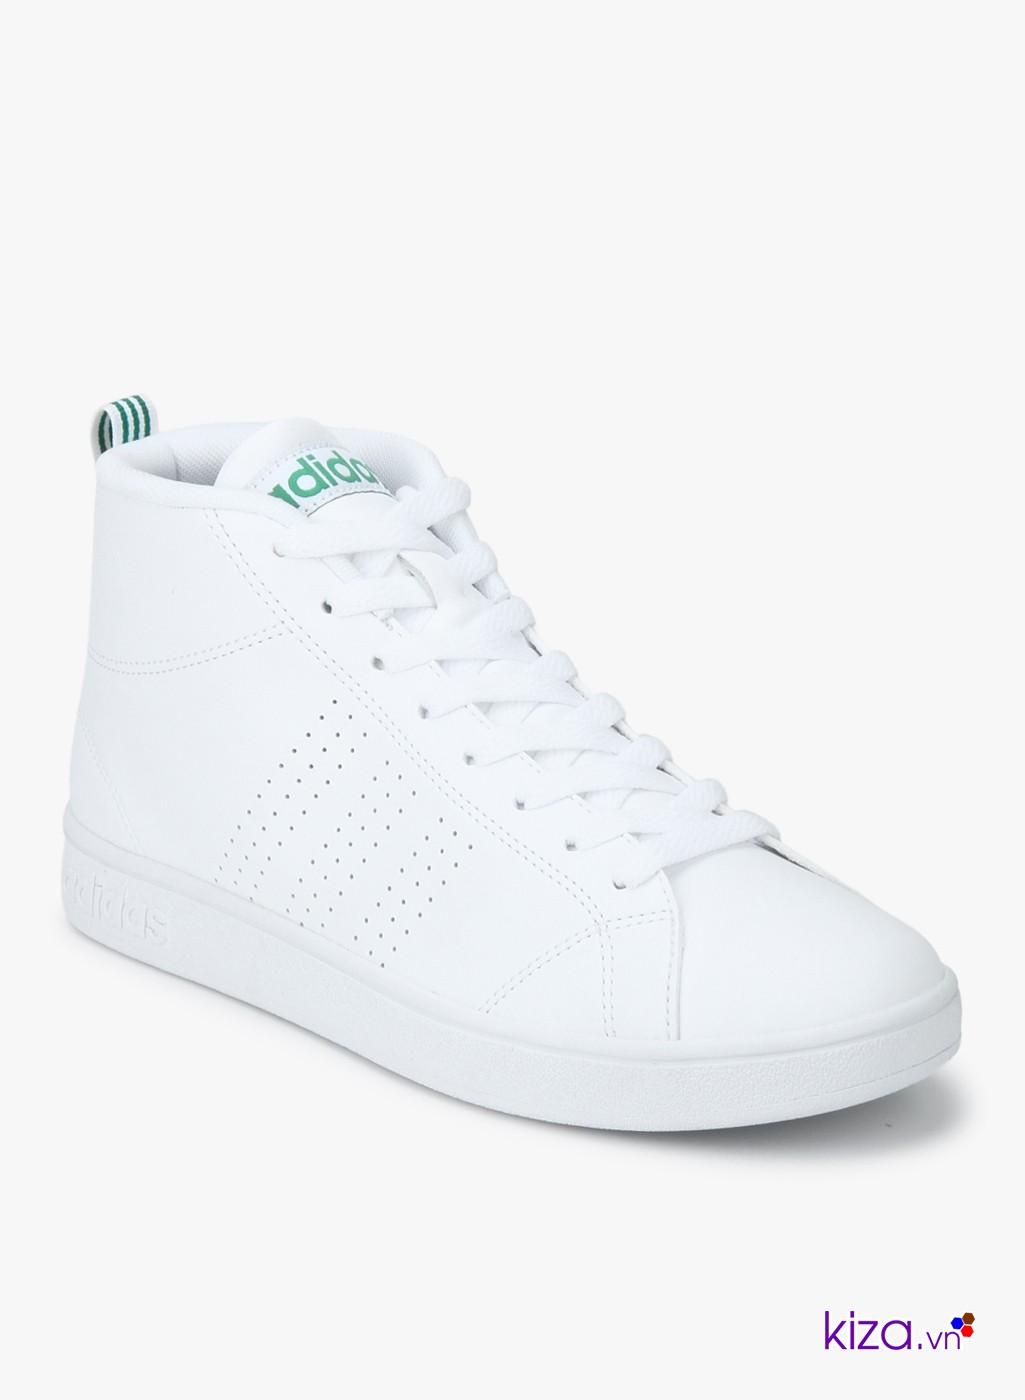 Một đôi giày Adidas nam màu trắng nhất định bạn phải có